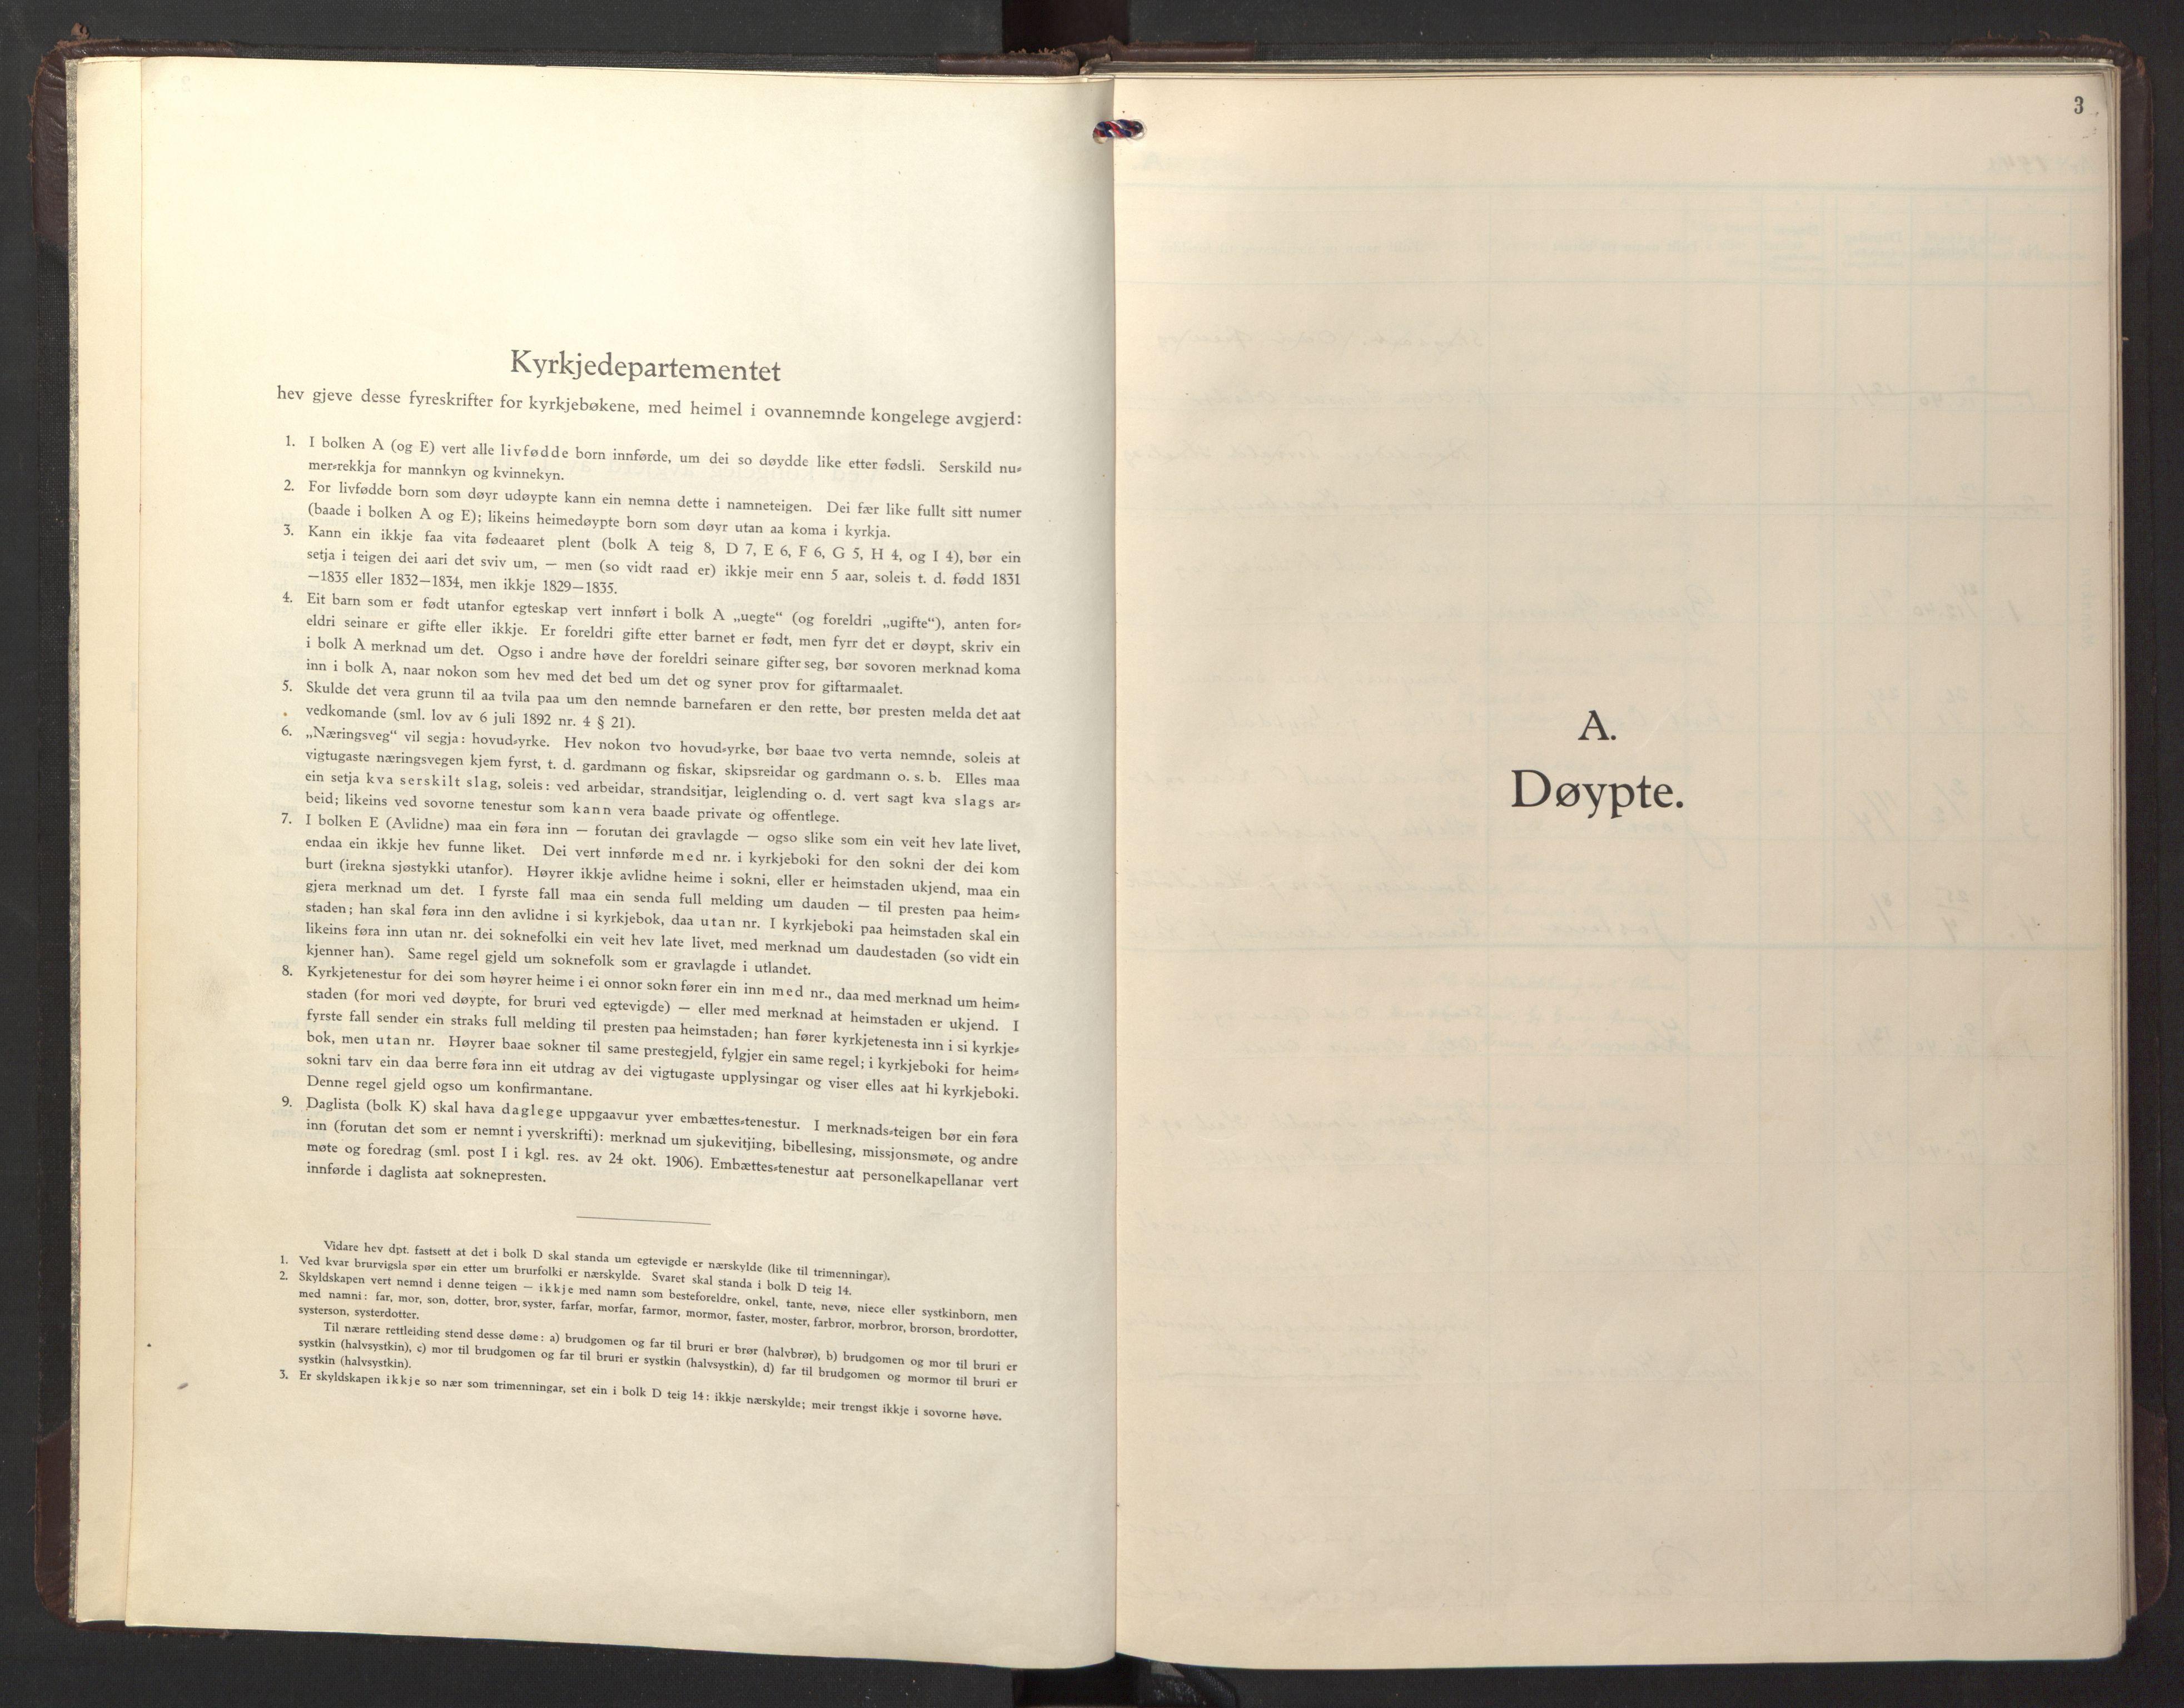 SAT, Ministerialprotokoller, klokkerbøker og fødselsregistre - Sør-Trøndelag, 674/L0878: Klokkerbok nr. 674C05, 1941-1950, s. 3